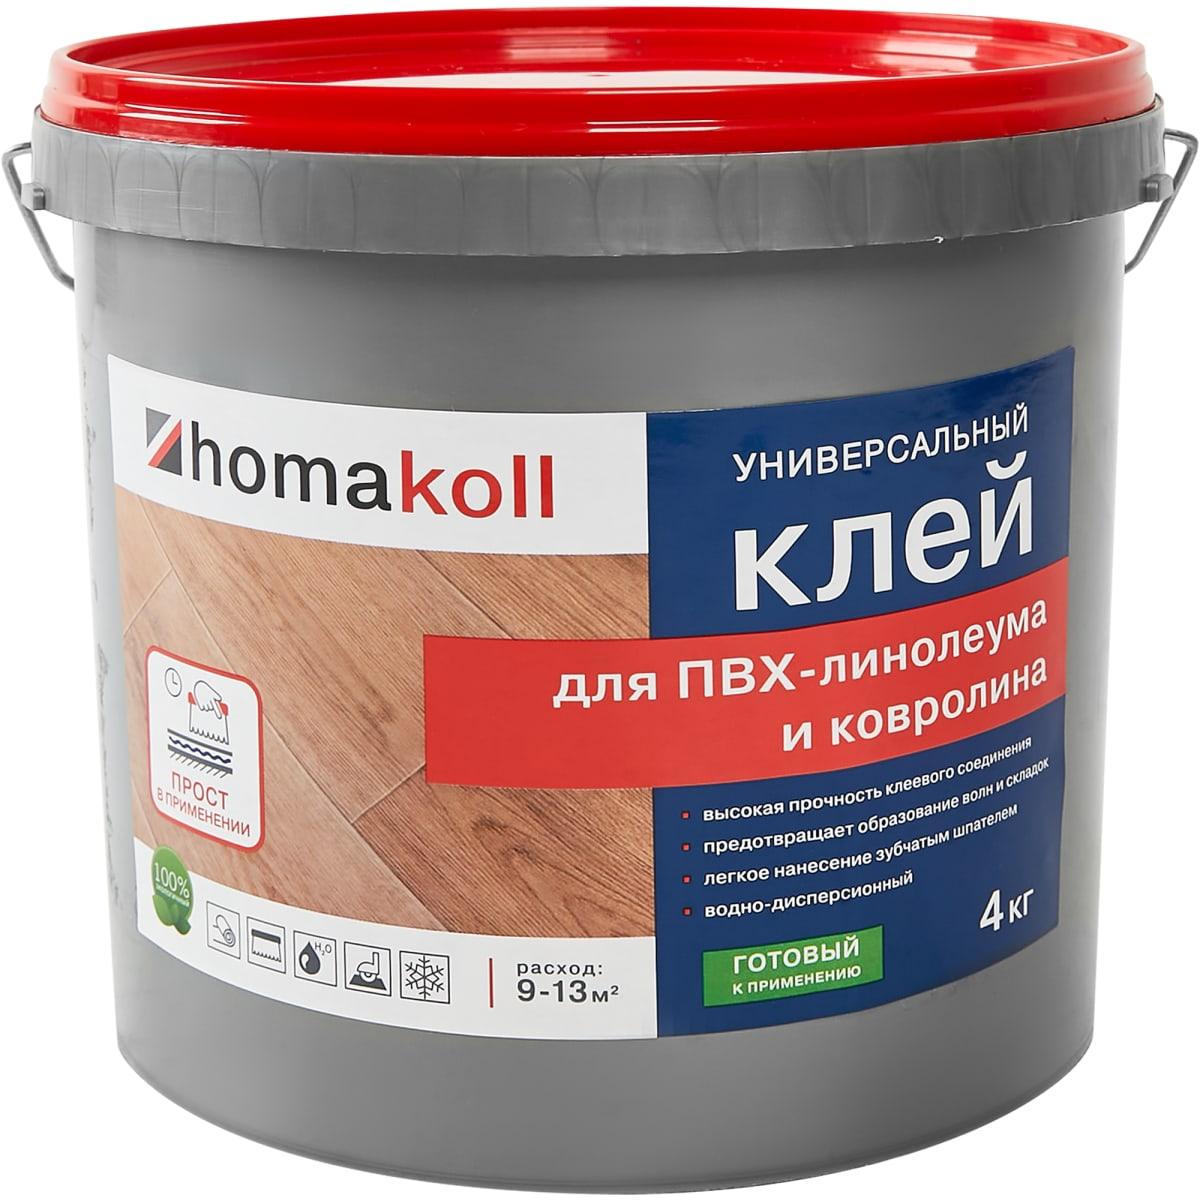 Клей универсальный для линолеума и ковролина Хомакол (Homakoll) 4 кг